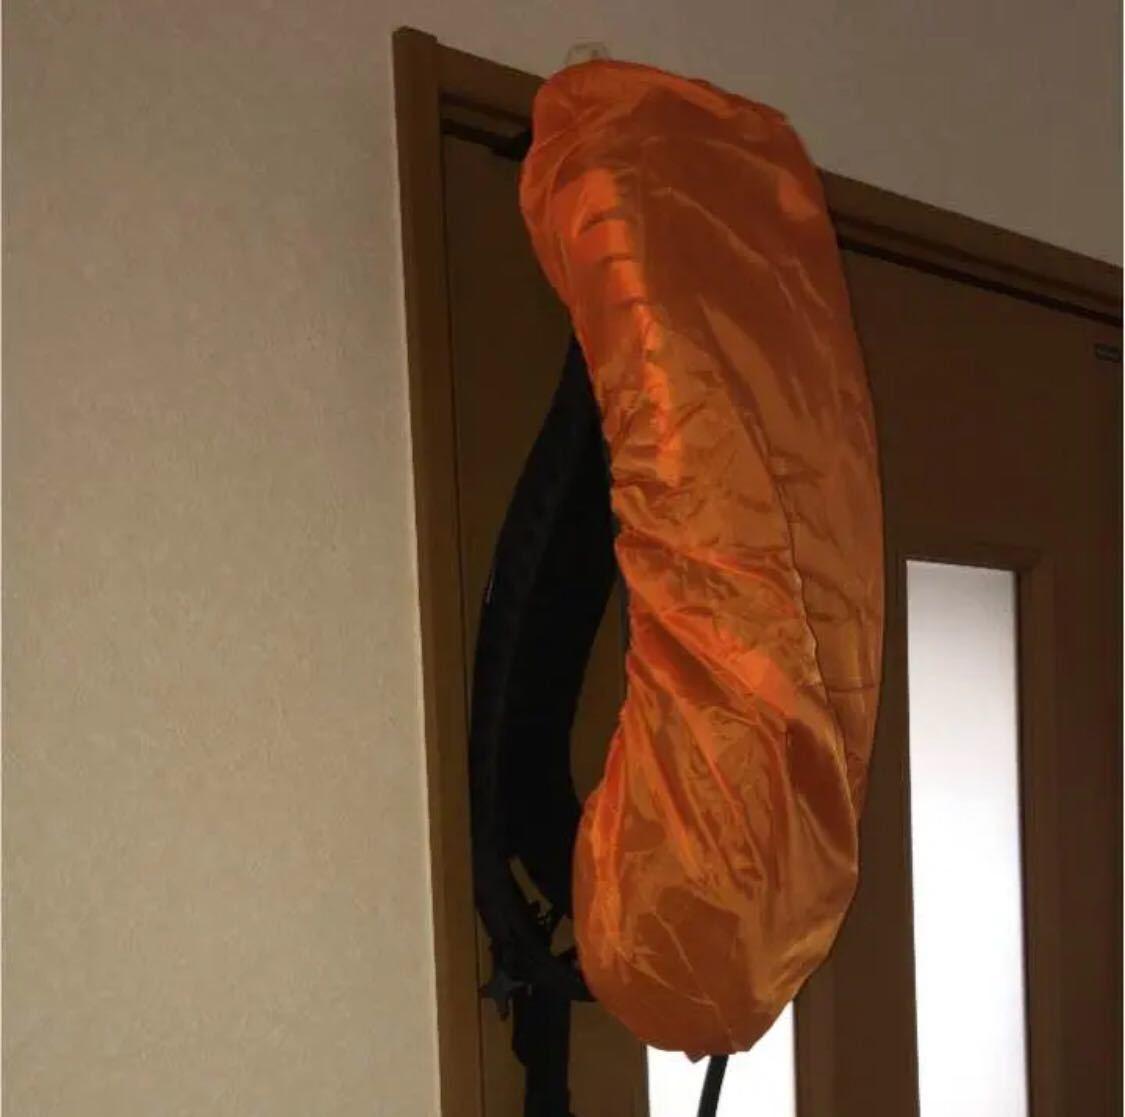 リュックサック レインカバー バックパック 防水カバー オレンジ 雨よけ ザックカバー